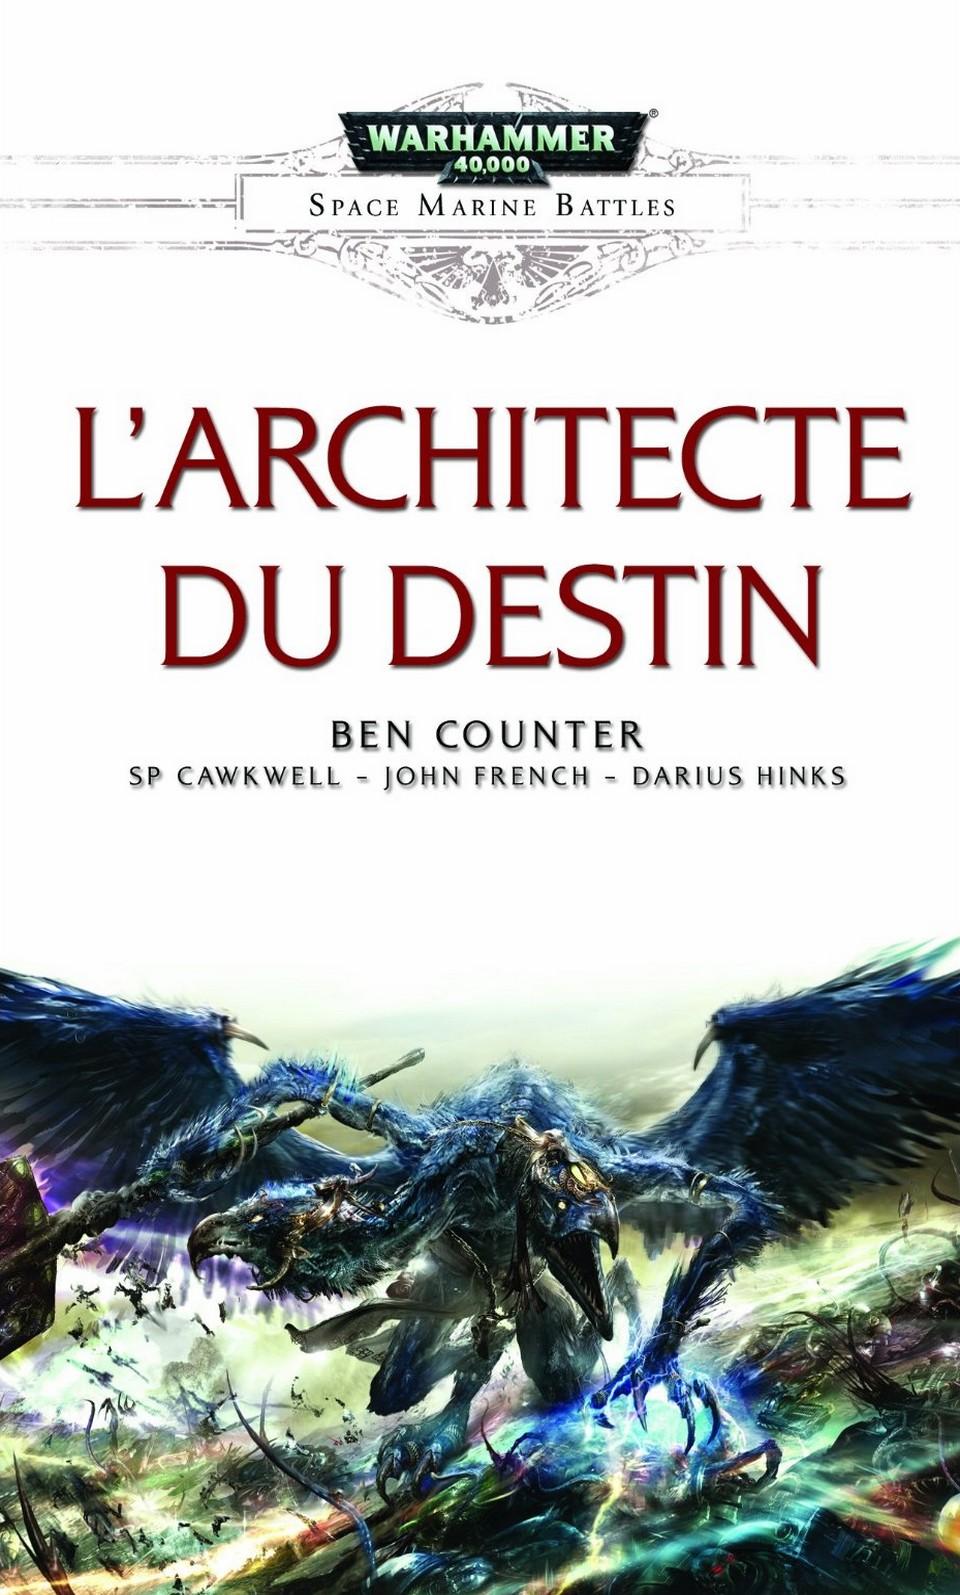 Programme des publications Black Library France pour 2013 - Page 9 883758LArchitectedudestin